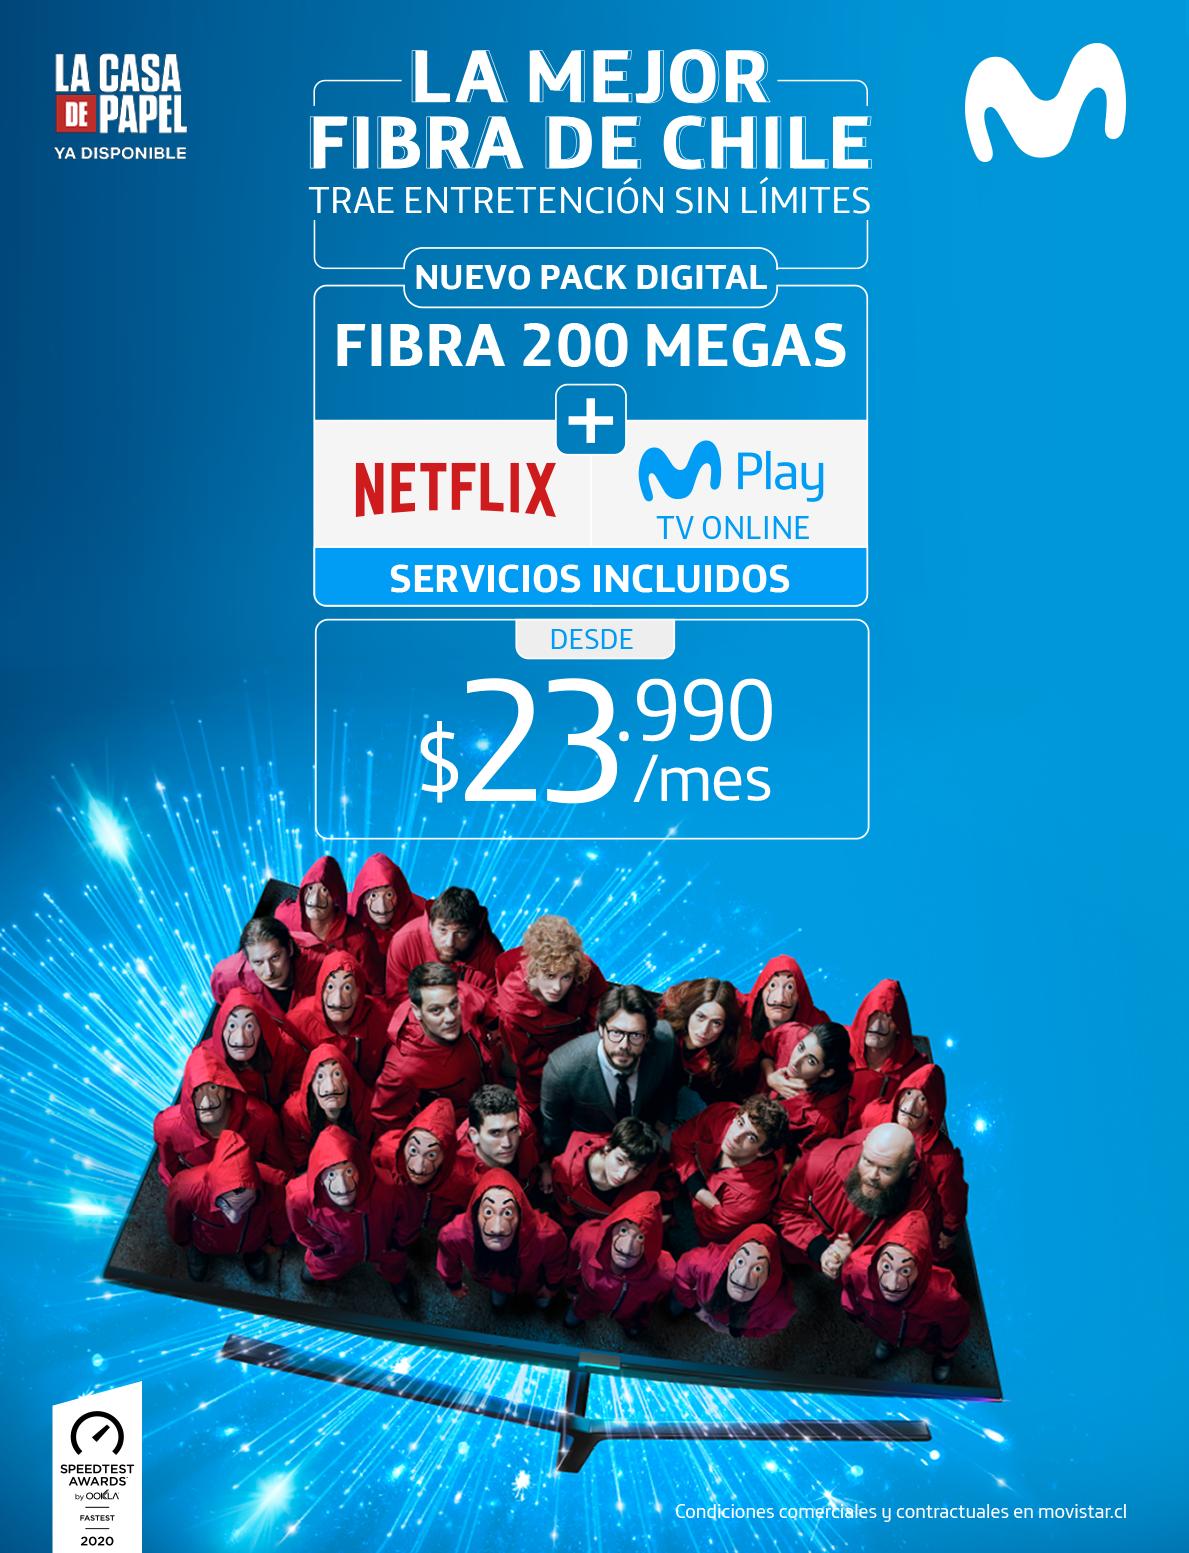 Por primera vez en Chile: Usuarios podrán acceder a un nuevo pack de fibra óptica con suscripción a Netflix incluida